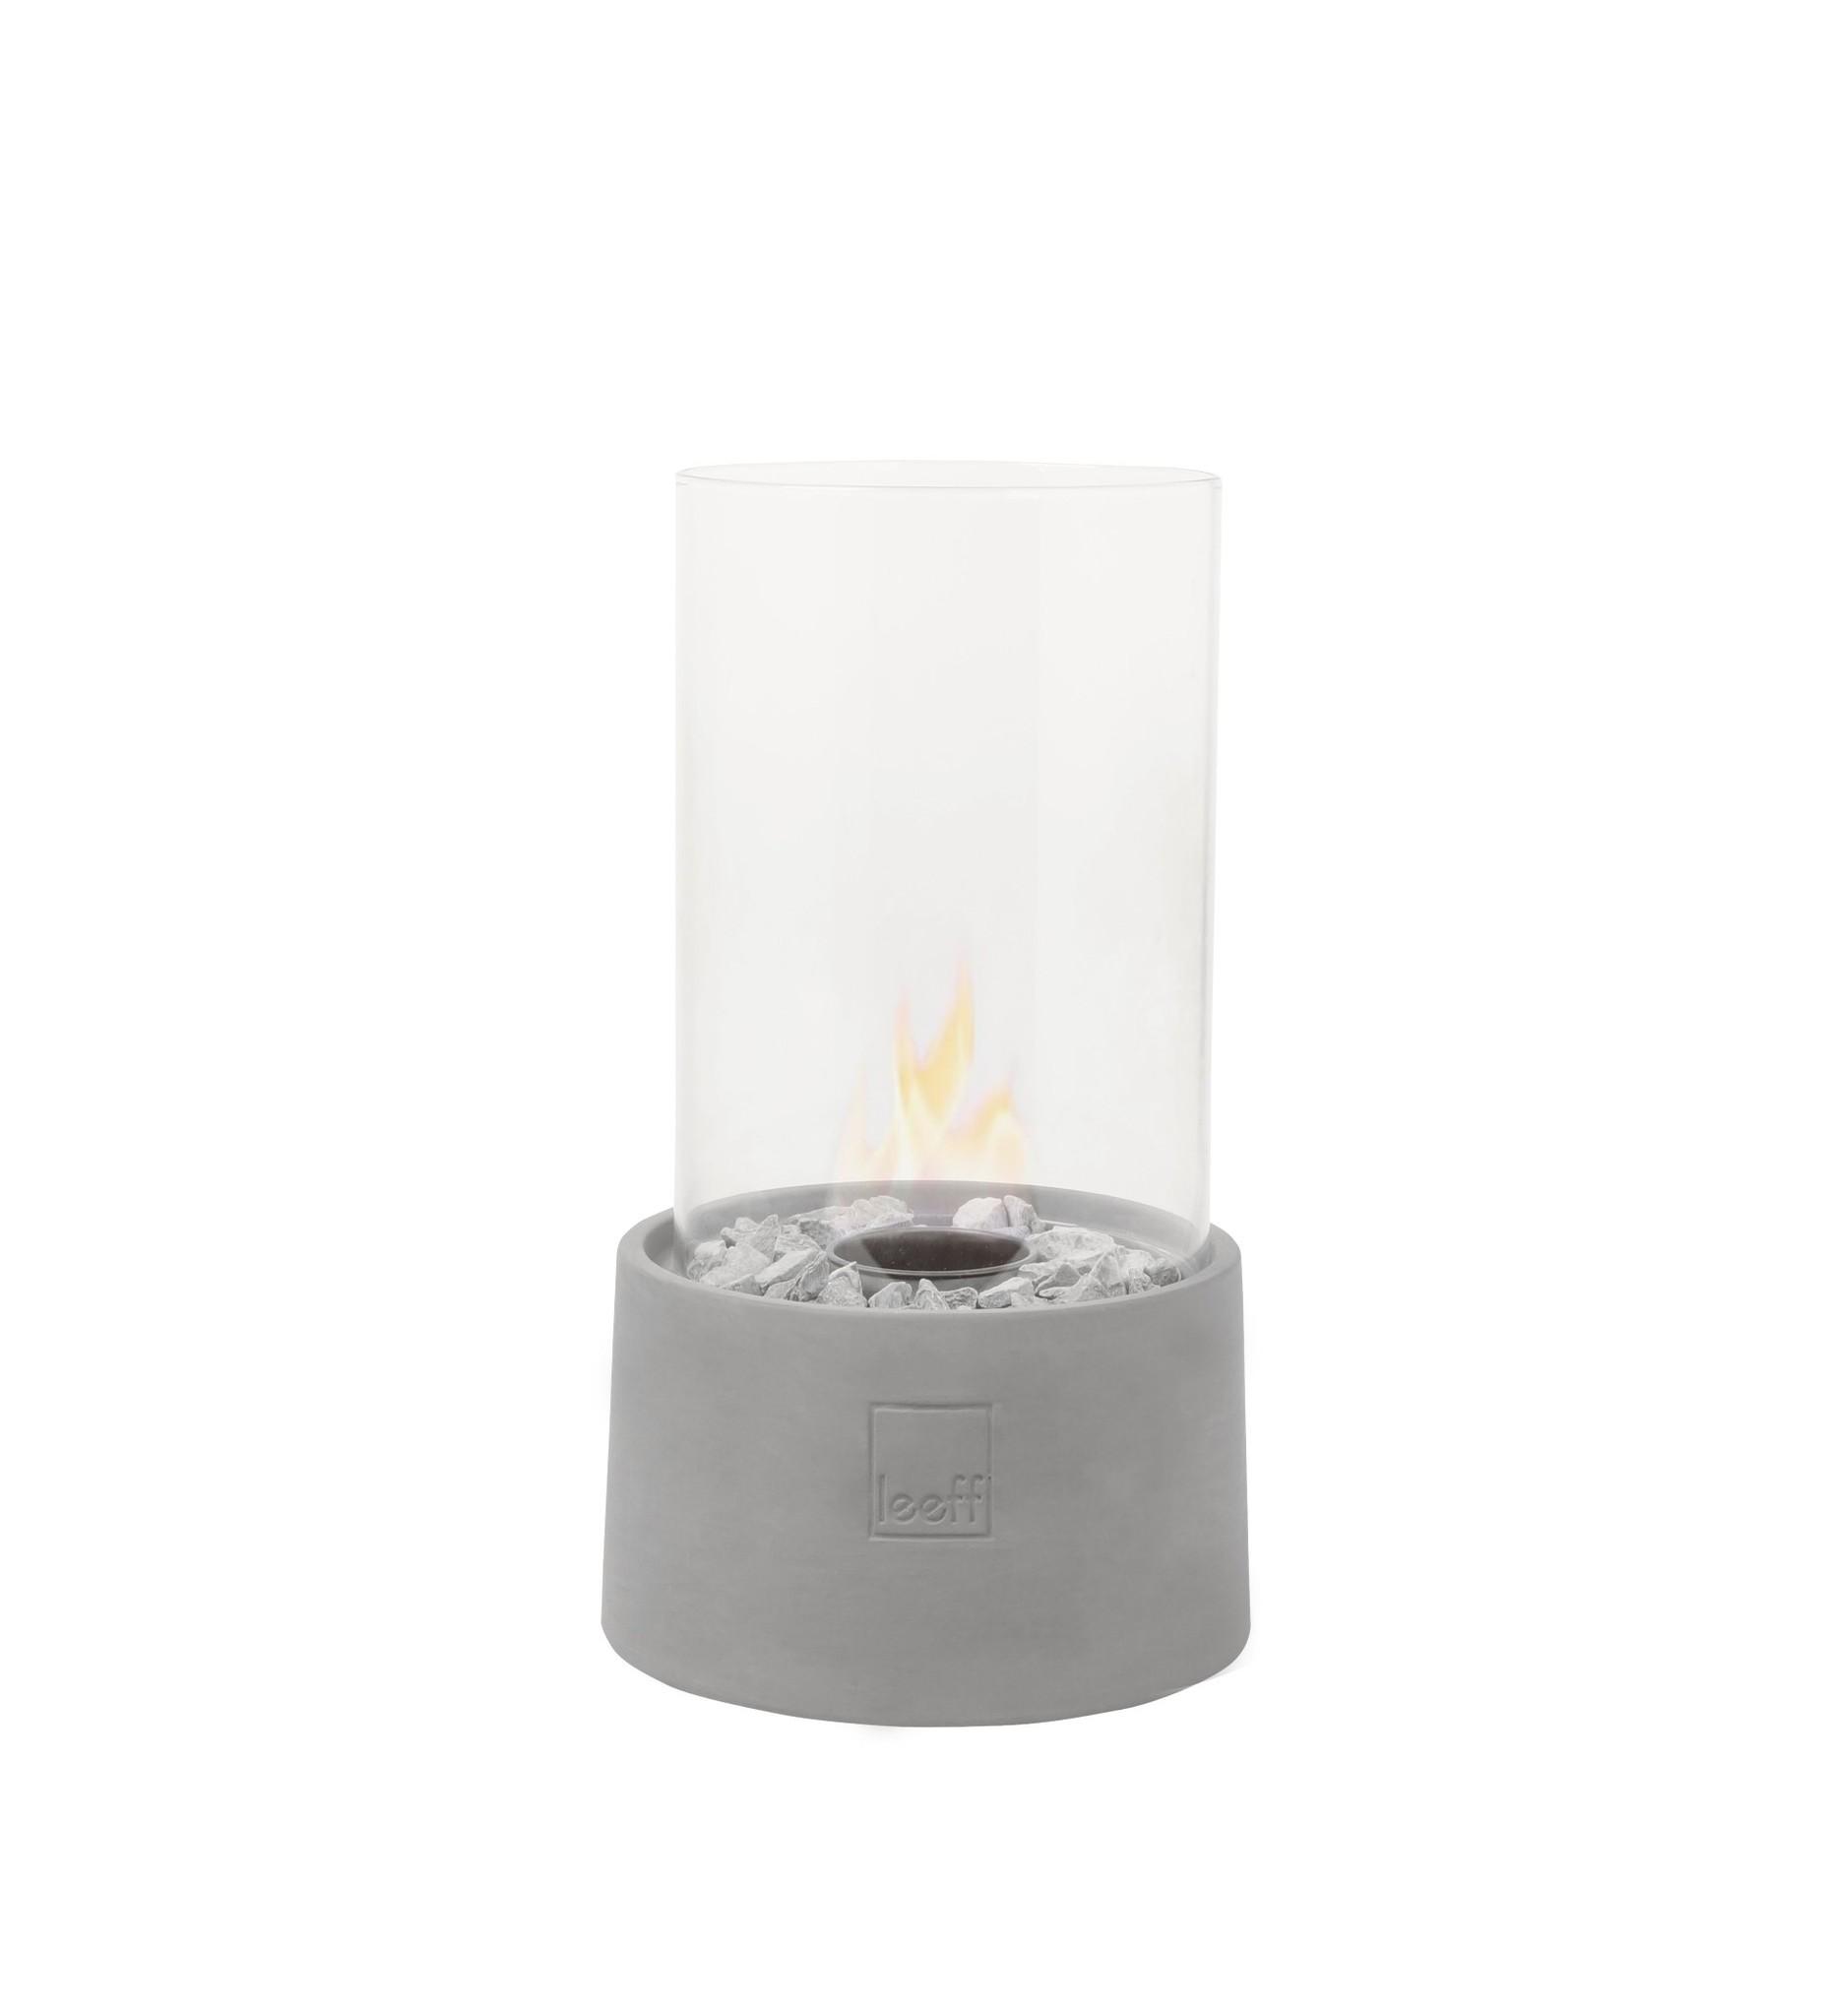 Leeff Tafelhaard/stonefire